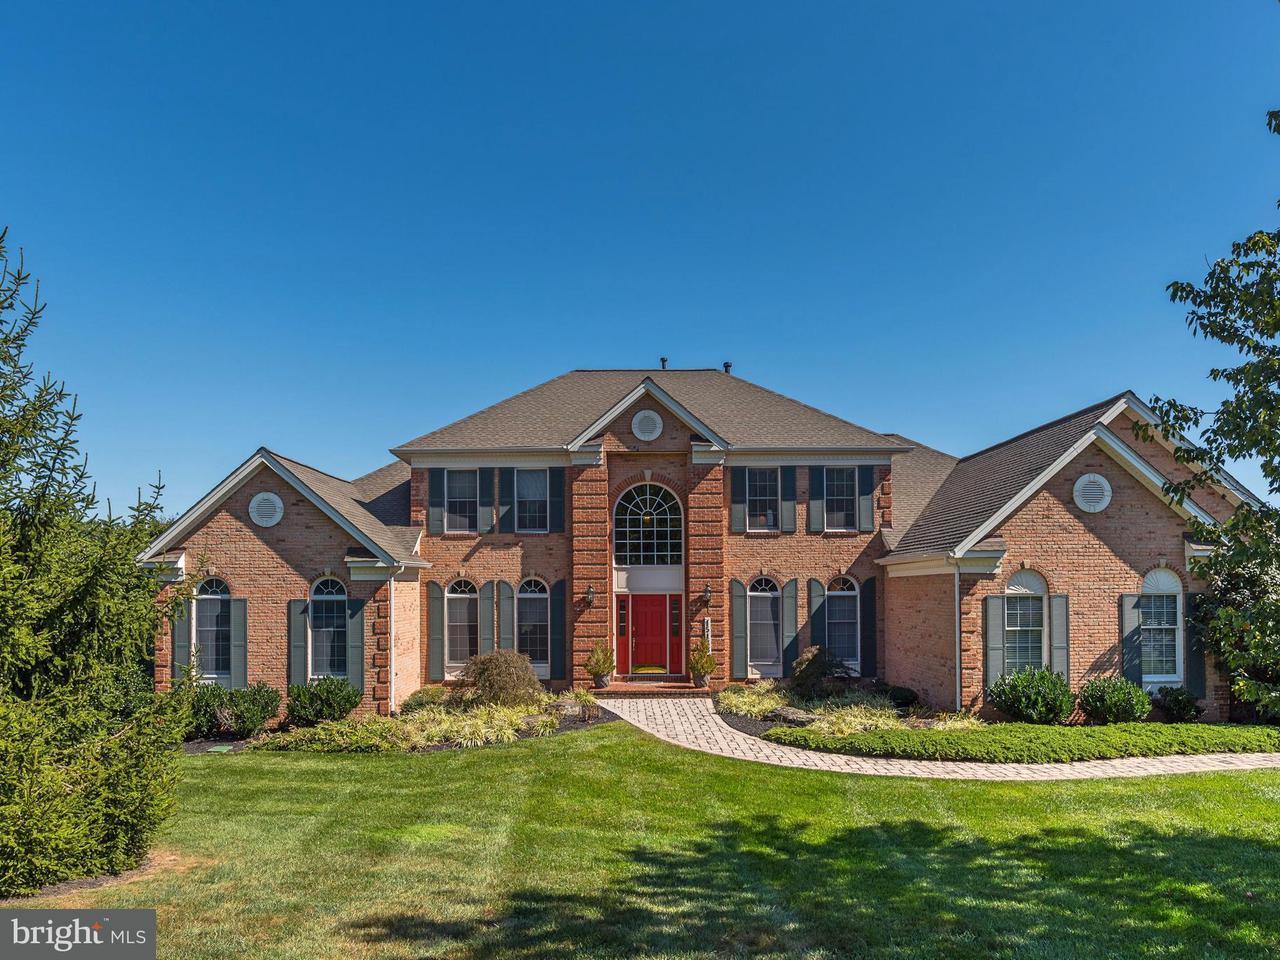 Einfamilienhaus für Verkauf beim 15178 Sapling Ridge Drive 15178 Sapling Ridge Drive Dayton, Maryland 21036 Vereinigte Staaten